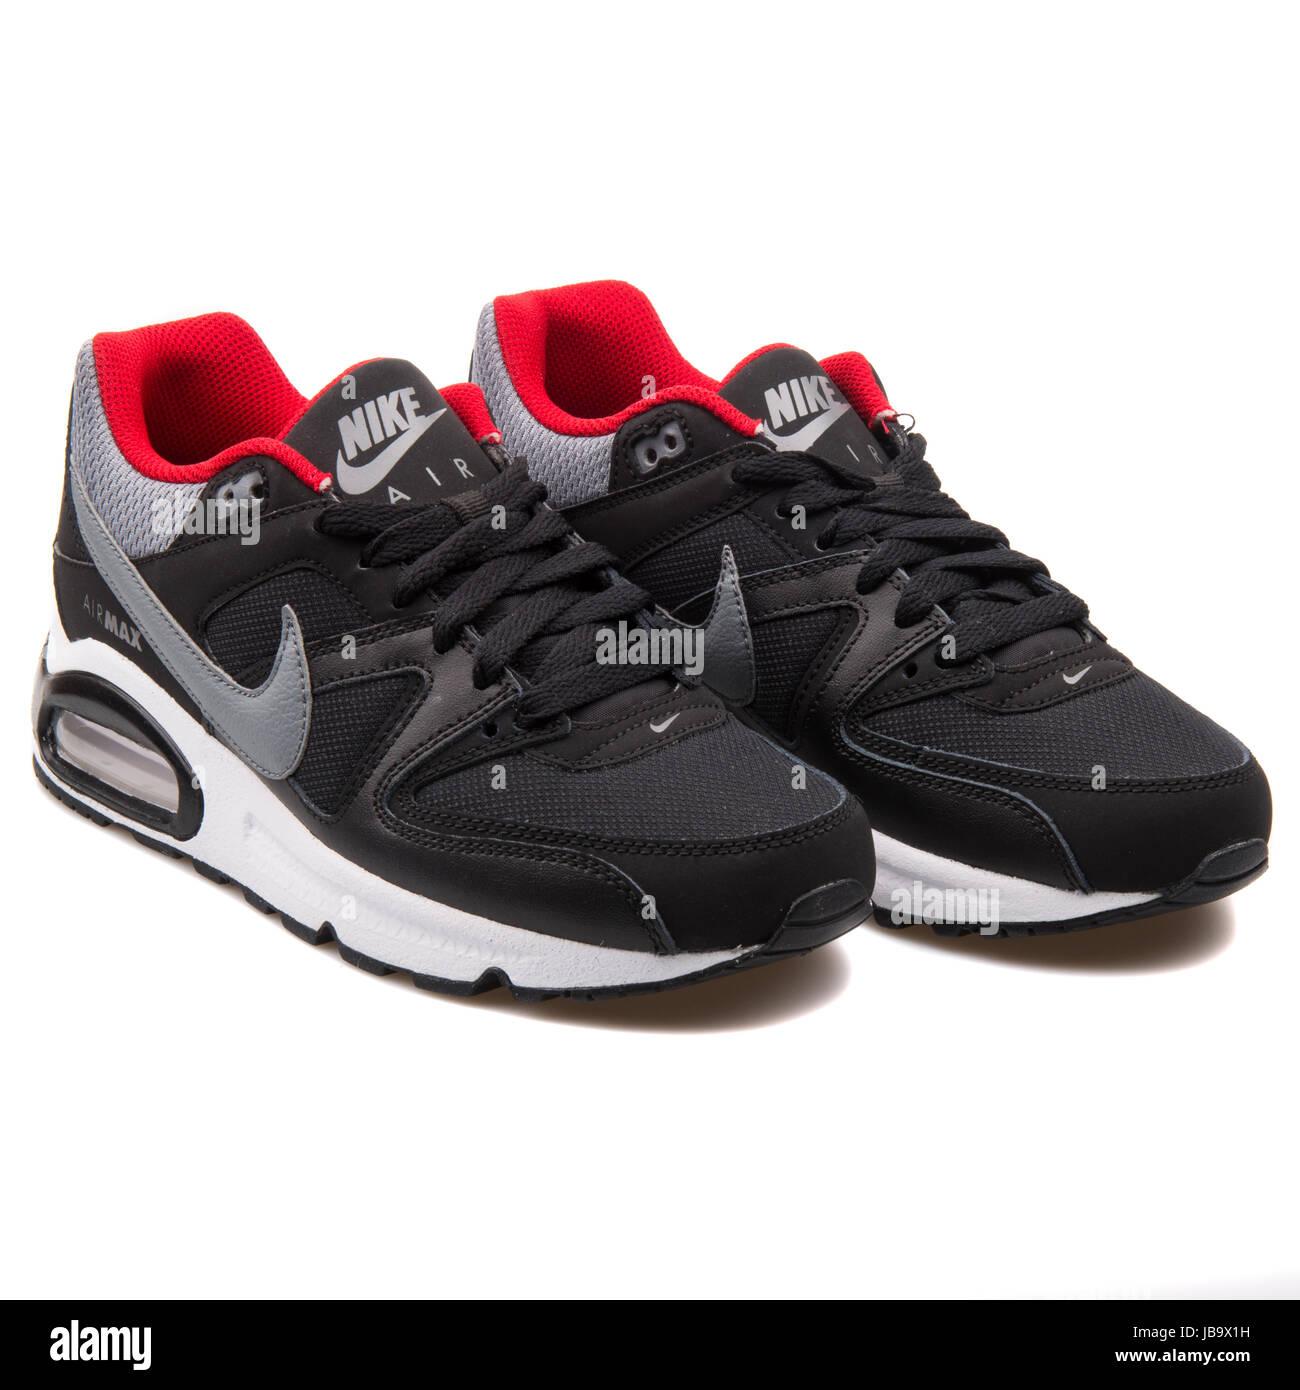 Nike air max command (gs) scarpe da ginnastica nero rosso